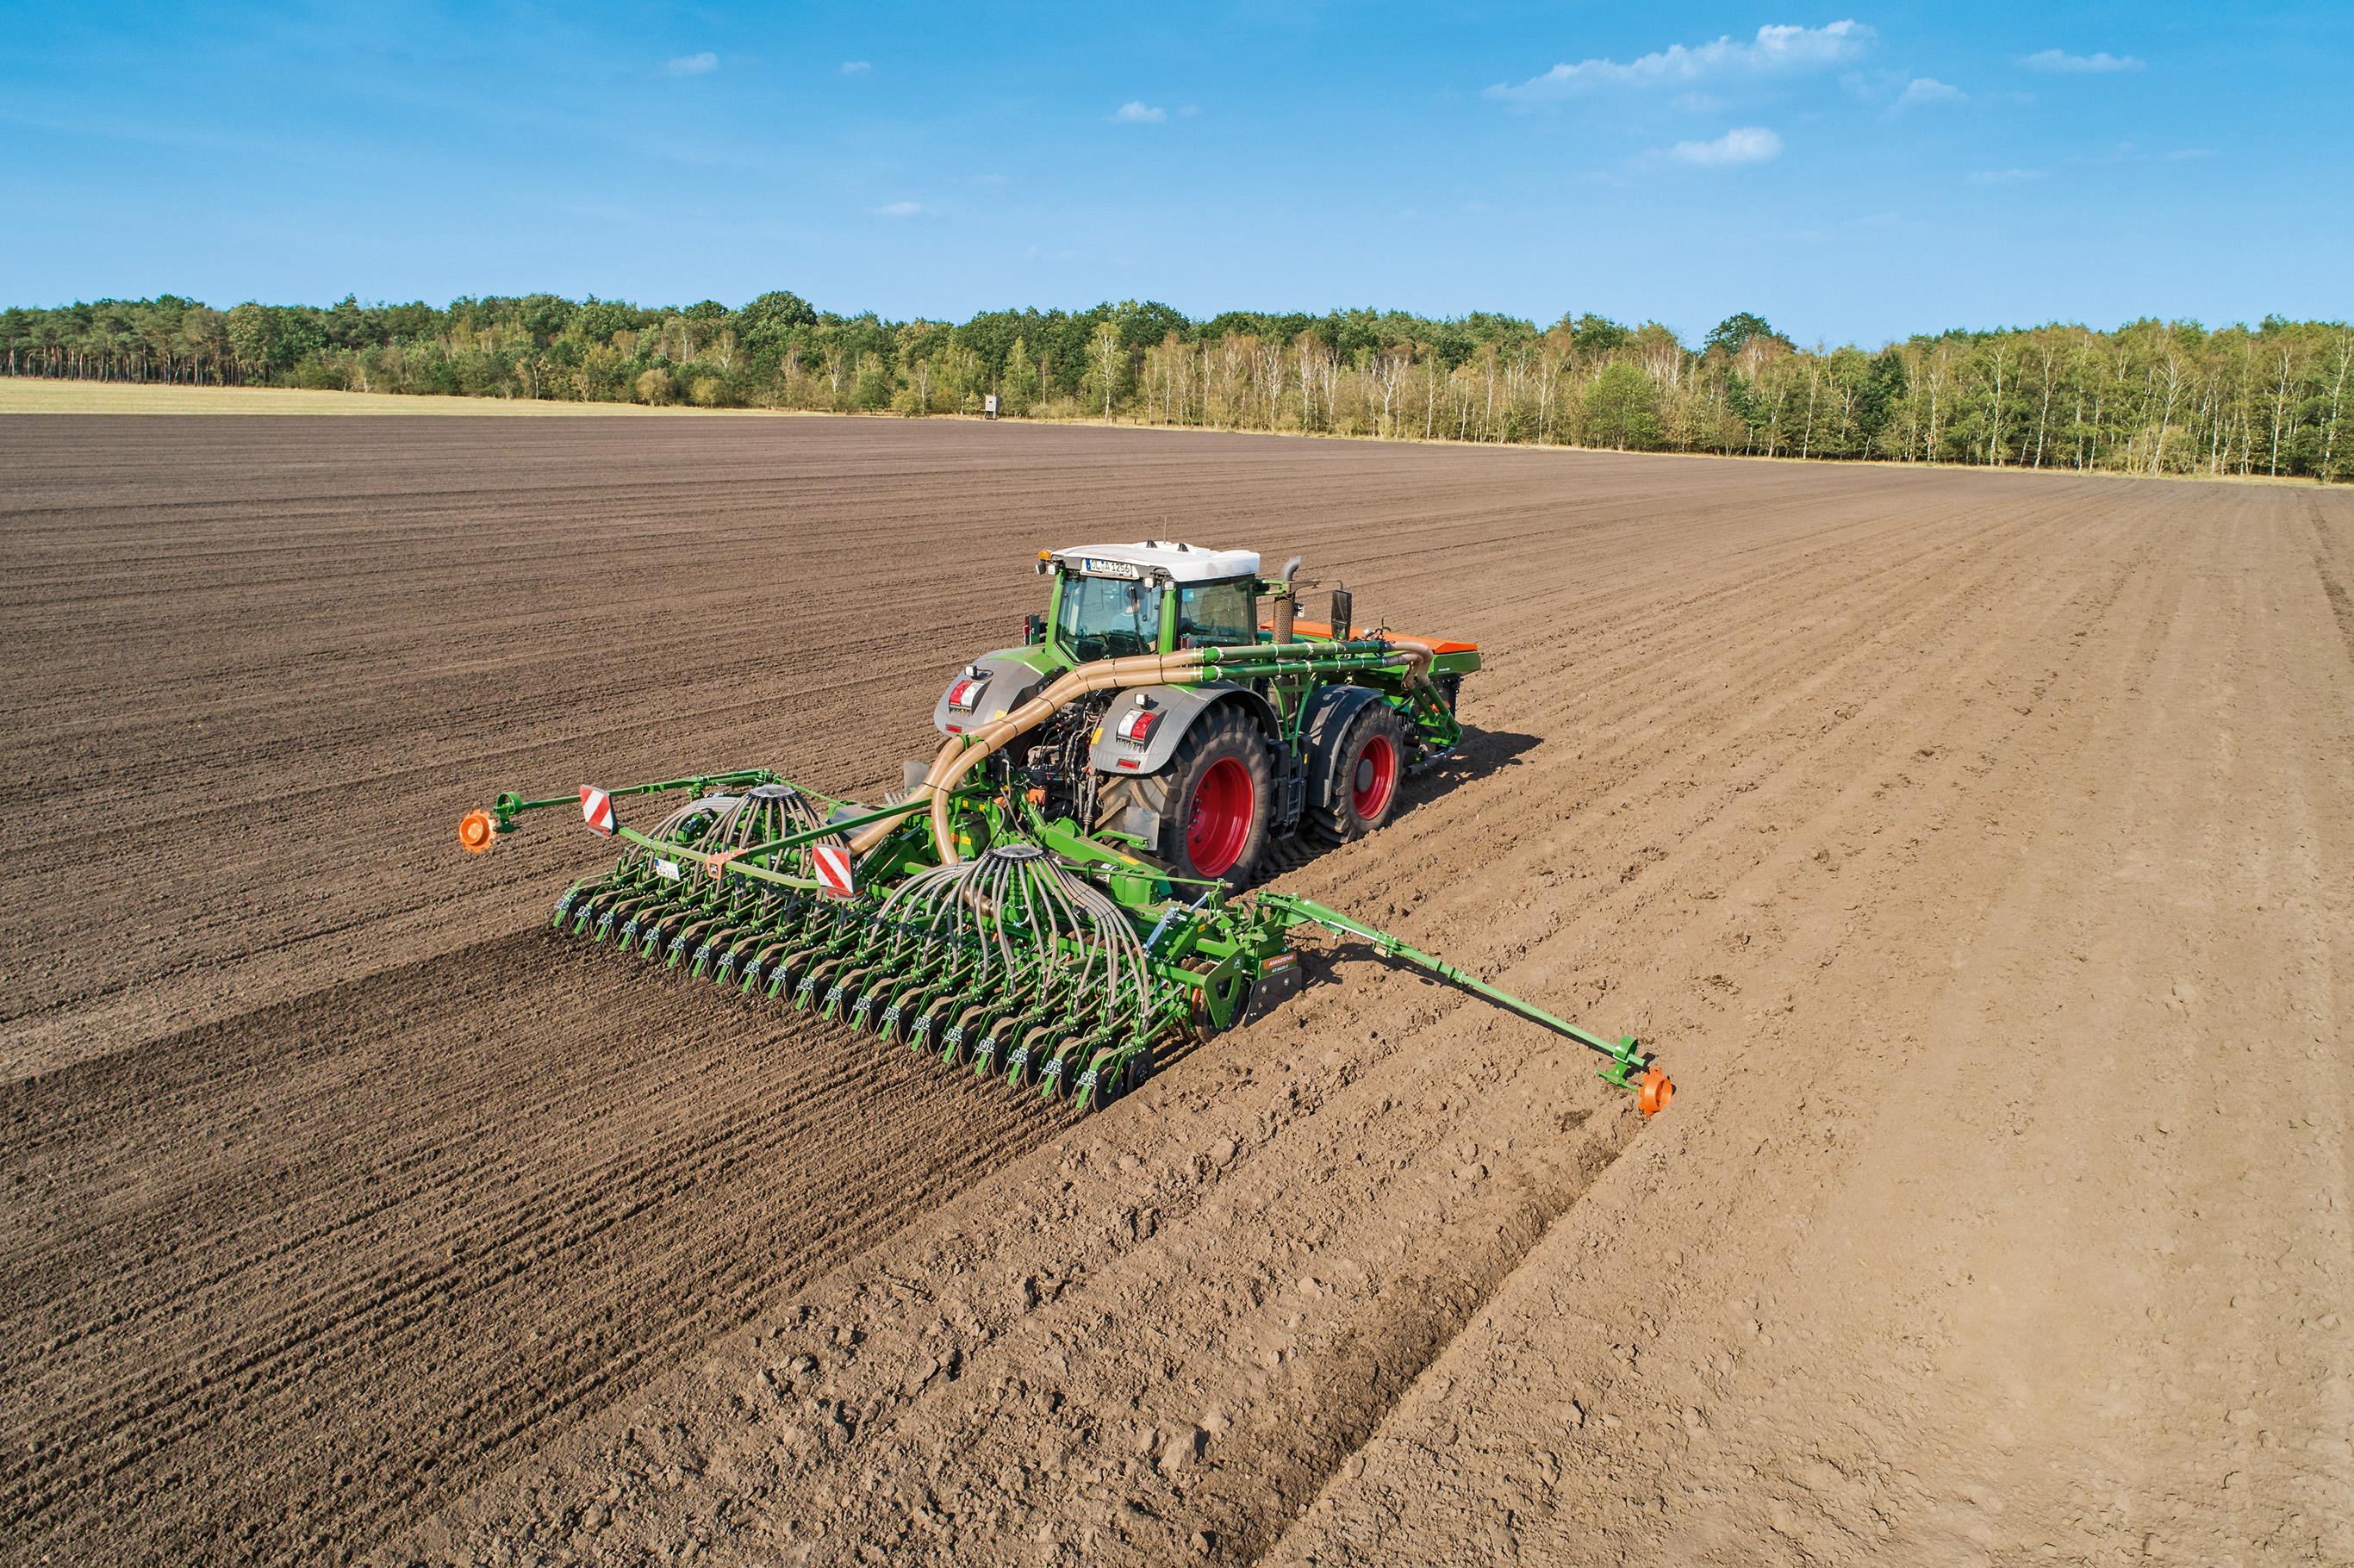 На полях растет пшеница, ячмень, овес и прочие зерновые